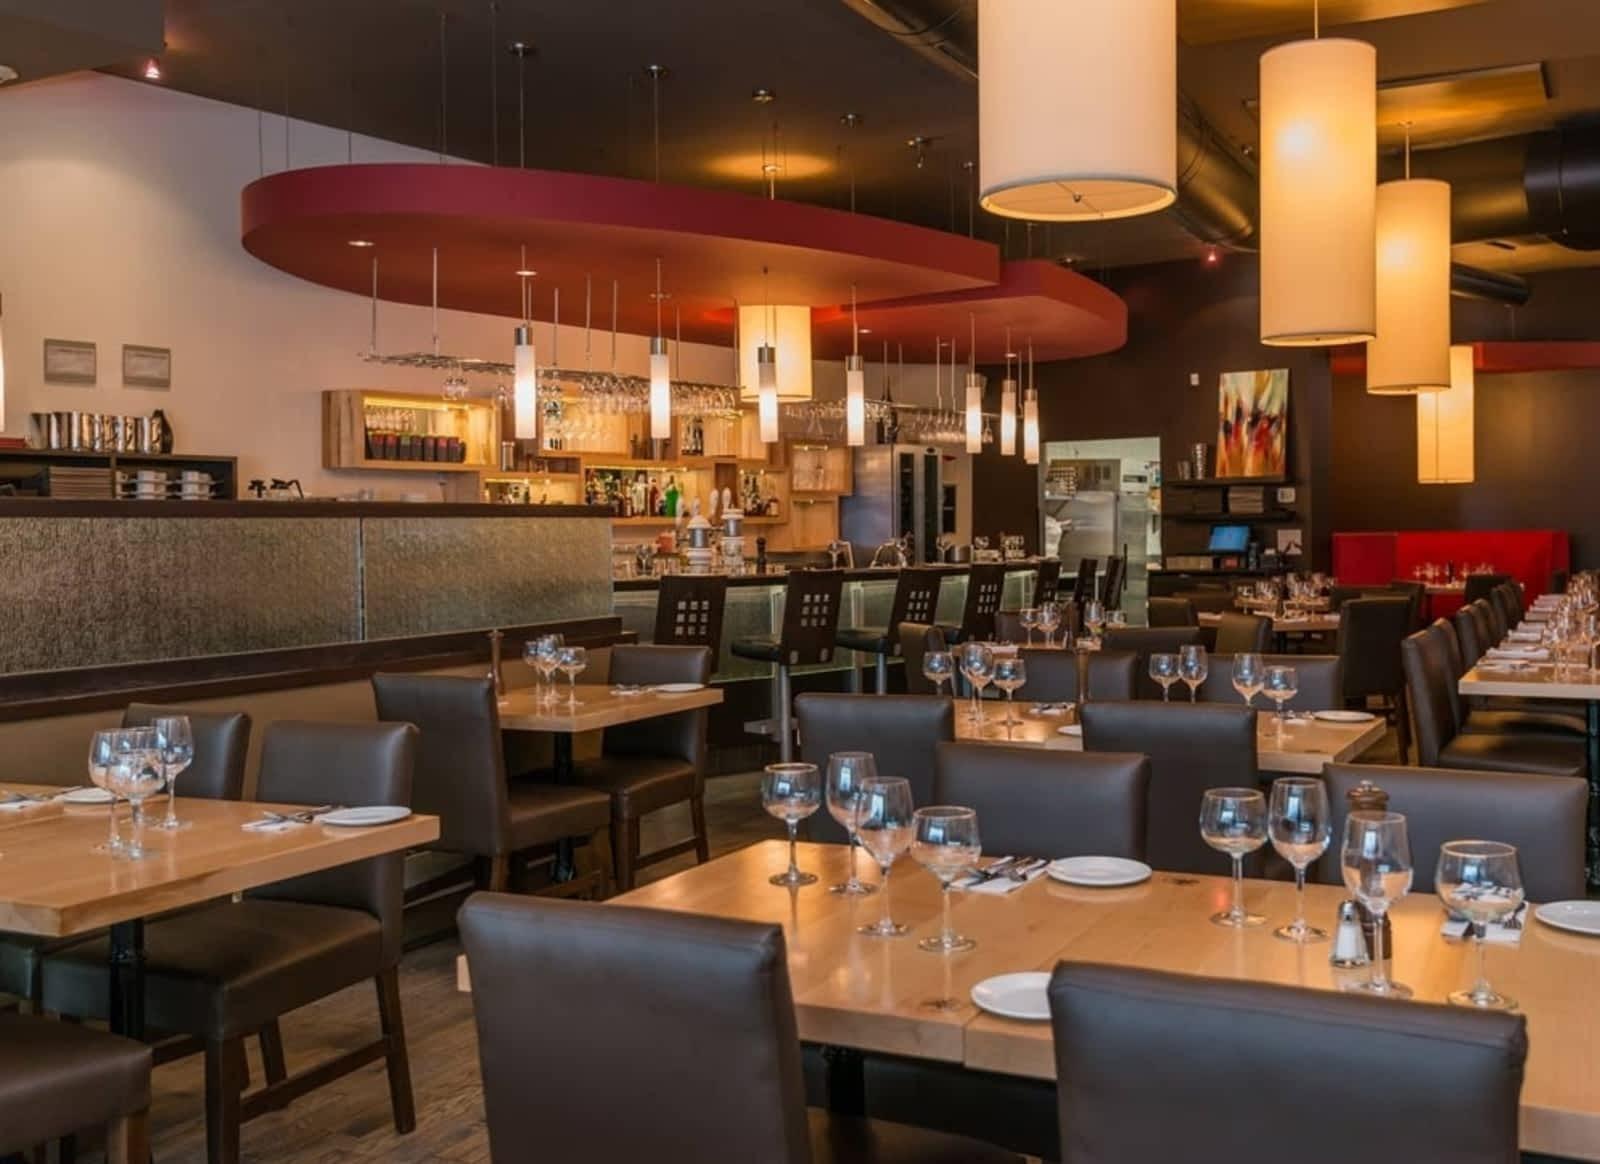 Le Meilleur Restaurant Sushi Du Saguenay